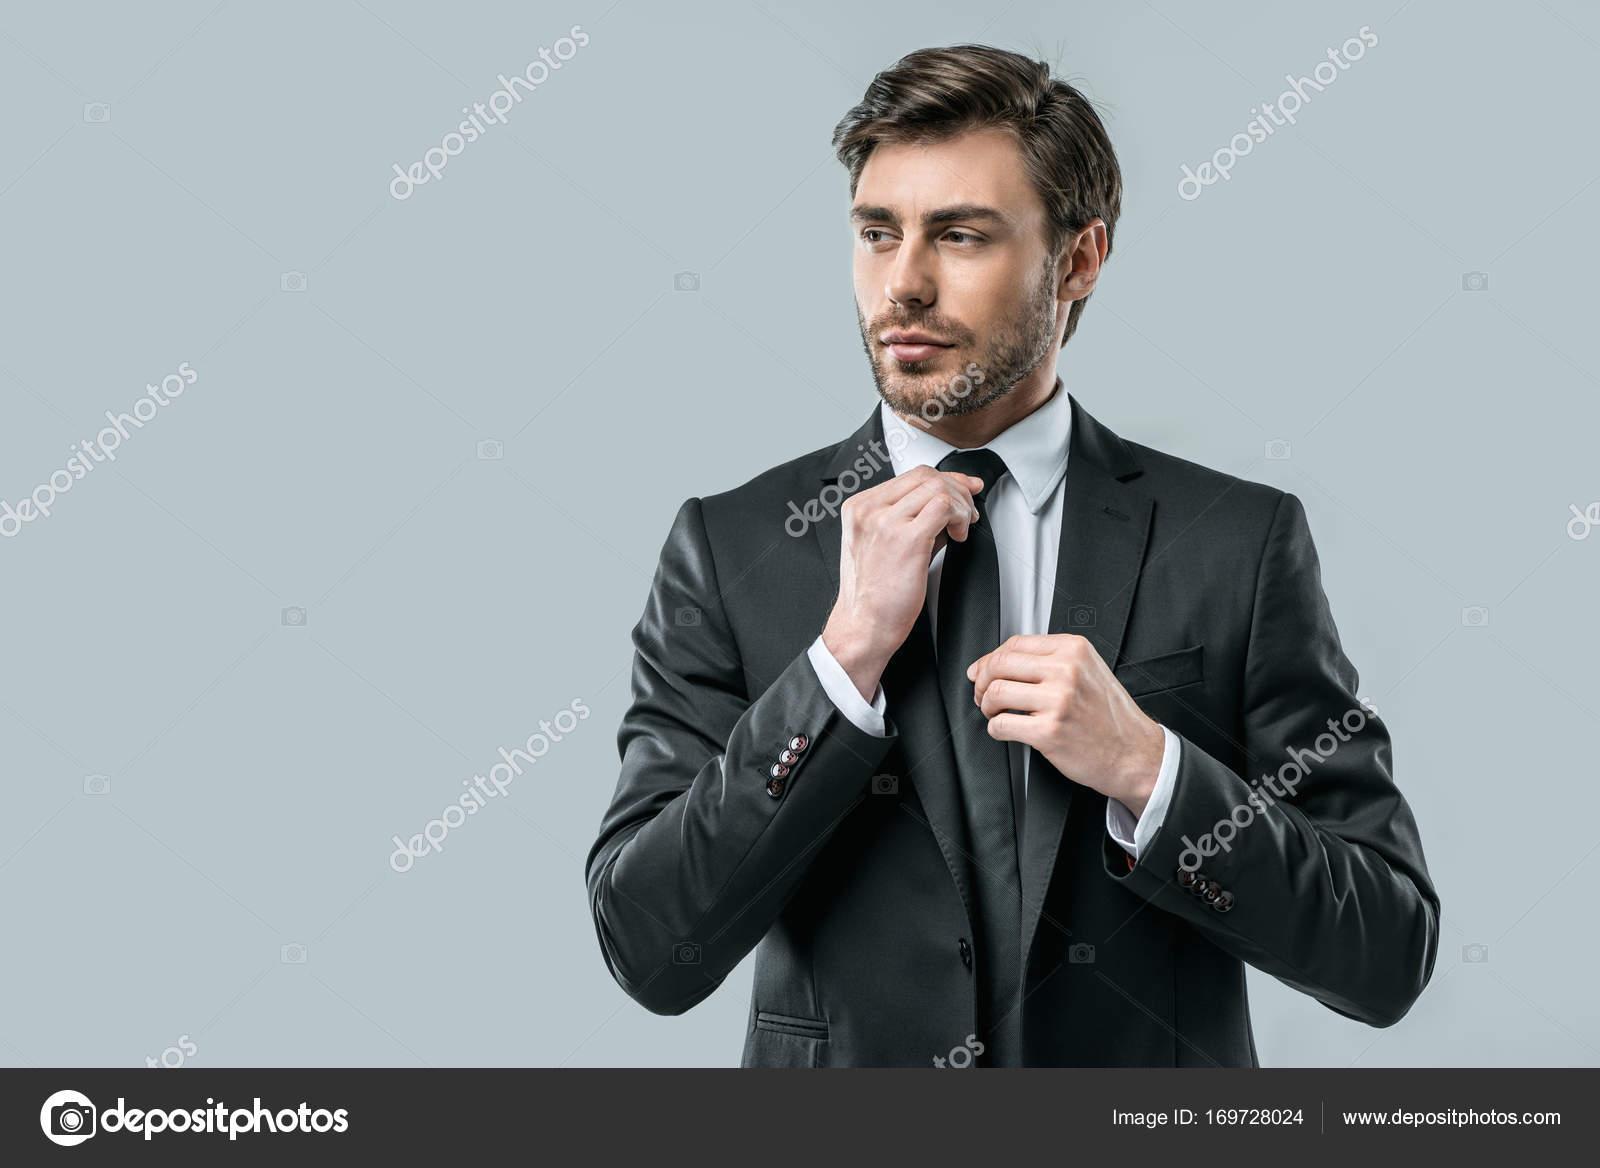 businessman in suit wearing tie — Stock Photo © DmitryPoch #169728024